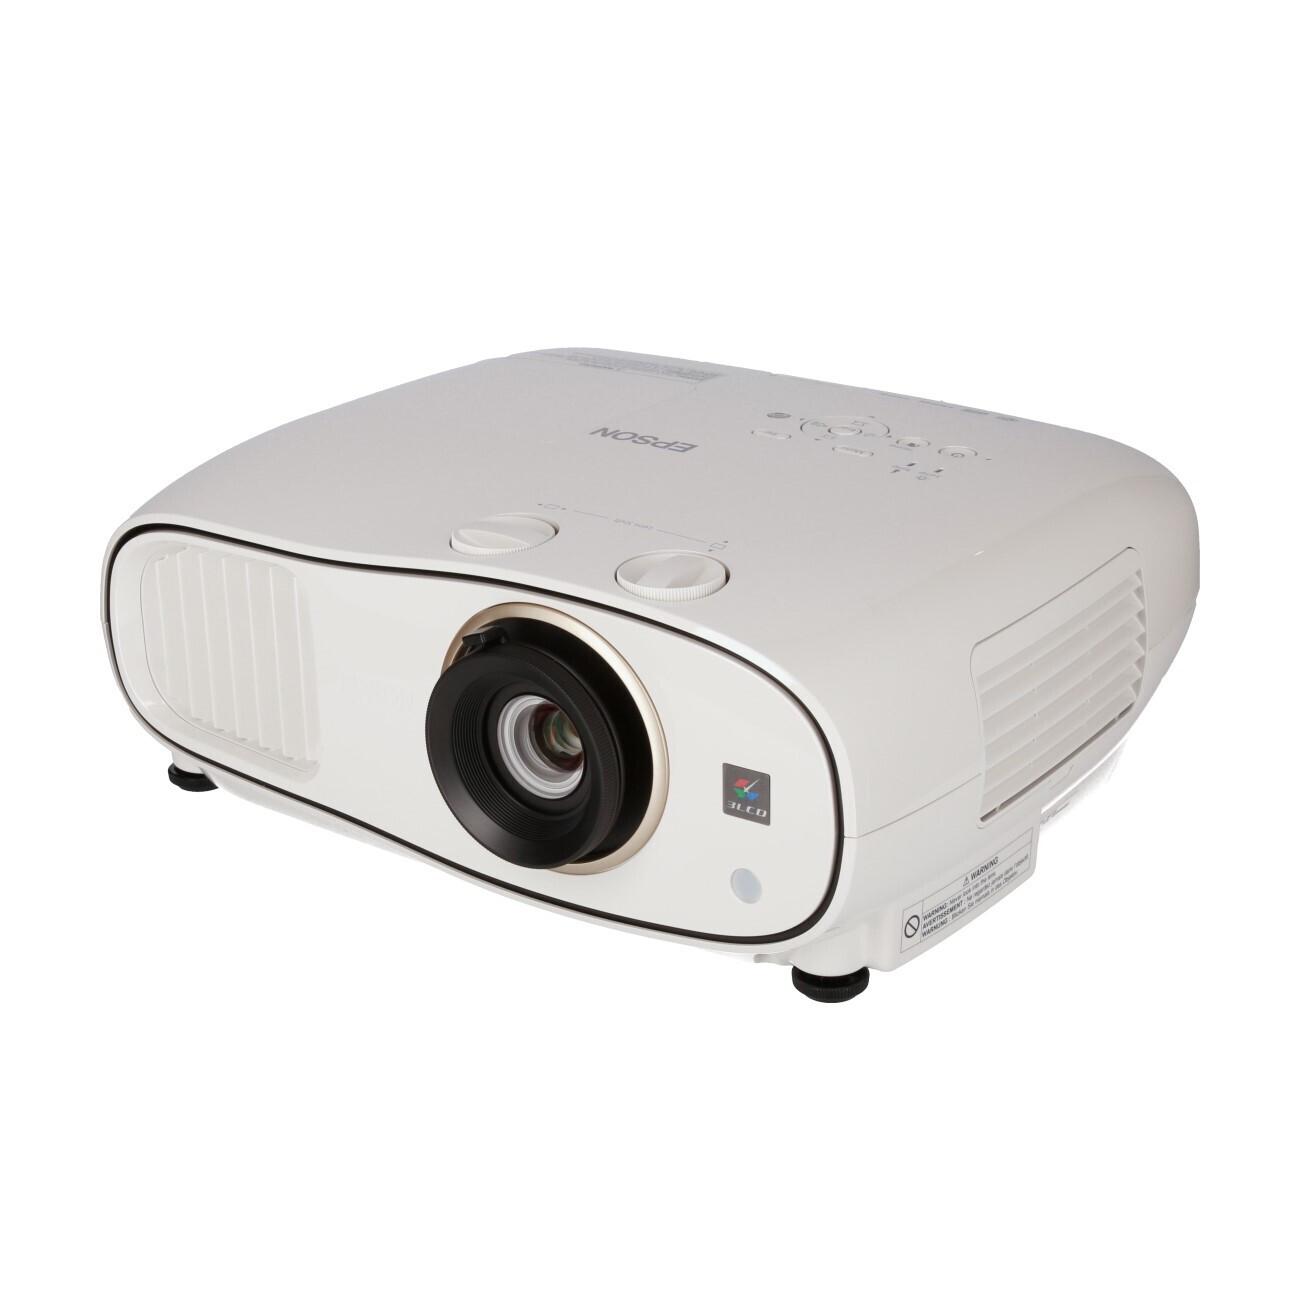 Epson EH-TW6700 3D Heimkino Beamer mit 3000 ANSI-Lumen und Full-HD